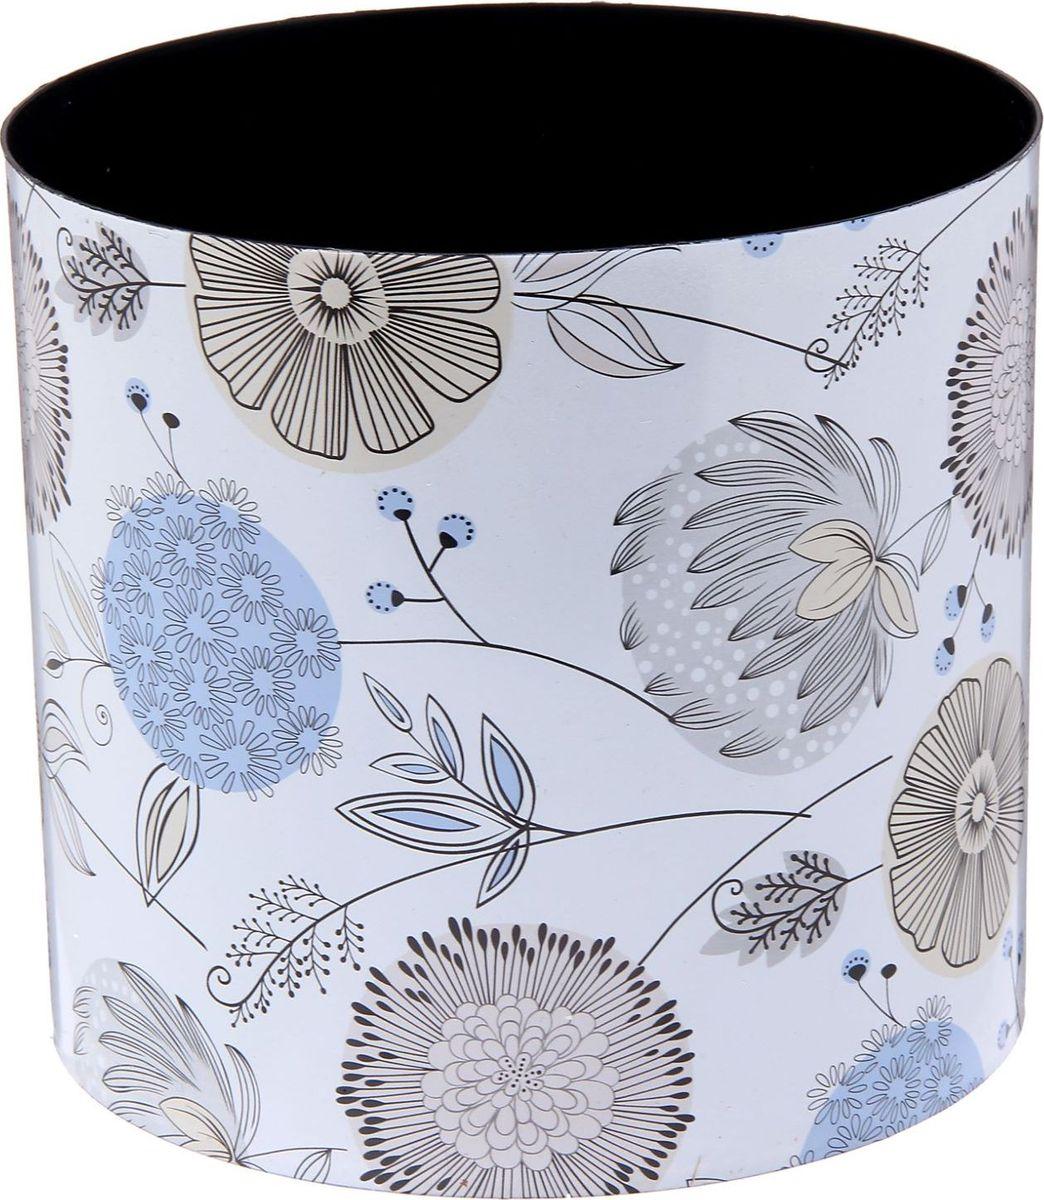 Горшок для цветов Simple Garden Цветы. Войнича, со скрытым поддоном, 5,1 л2265063Каждому хозяину периодически приходит мысль обновить свою квартиру, сделать ремонт, перестановку или кардинально поменять внешний вид каждой комнаты. Горшок со скрытым поддоном Simple Garden Цветы. Войнича — привлекательная деталь, которая поможет воплотить вашу интерьерную идею, создать неповторимую атмосферу в вашем доме. Окружите себя приятными мелочами, пусть они радуют глаз и дарят гармонию.